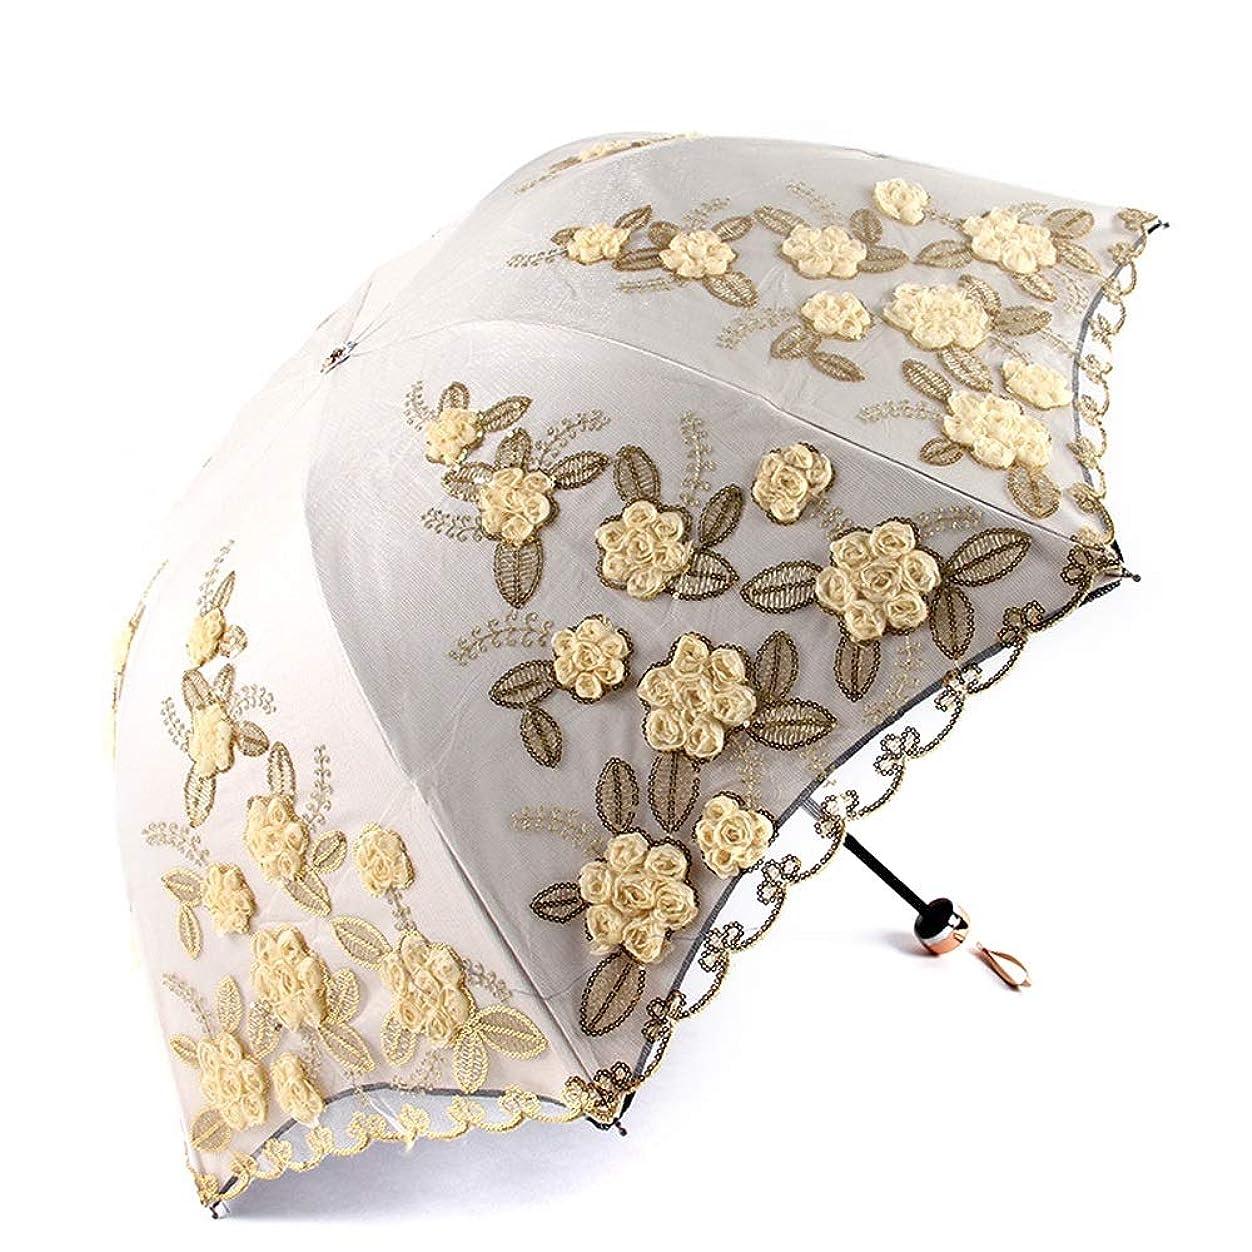 急襲妊娠した水を飲むJPYLY レディース 日傘 日焼け防止 折りたたみ傘 UVカット 遮光遮熱 夏 8本骨 ひんやり傘 傘 (Color : イエロー, Size : One Size)